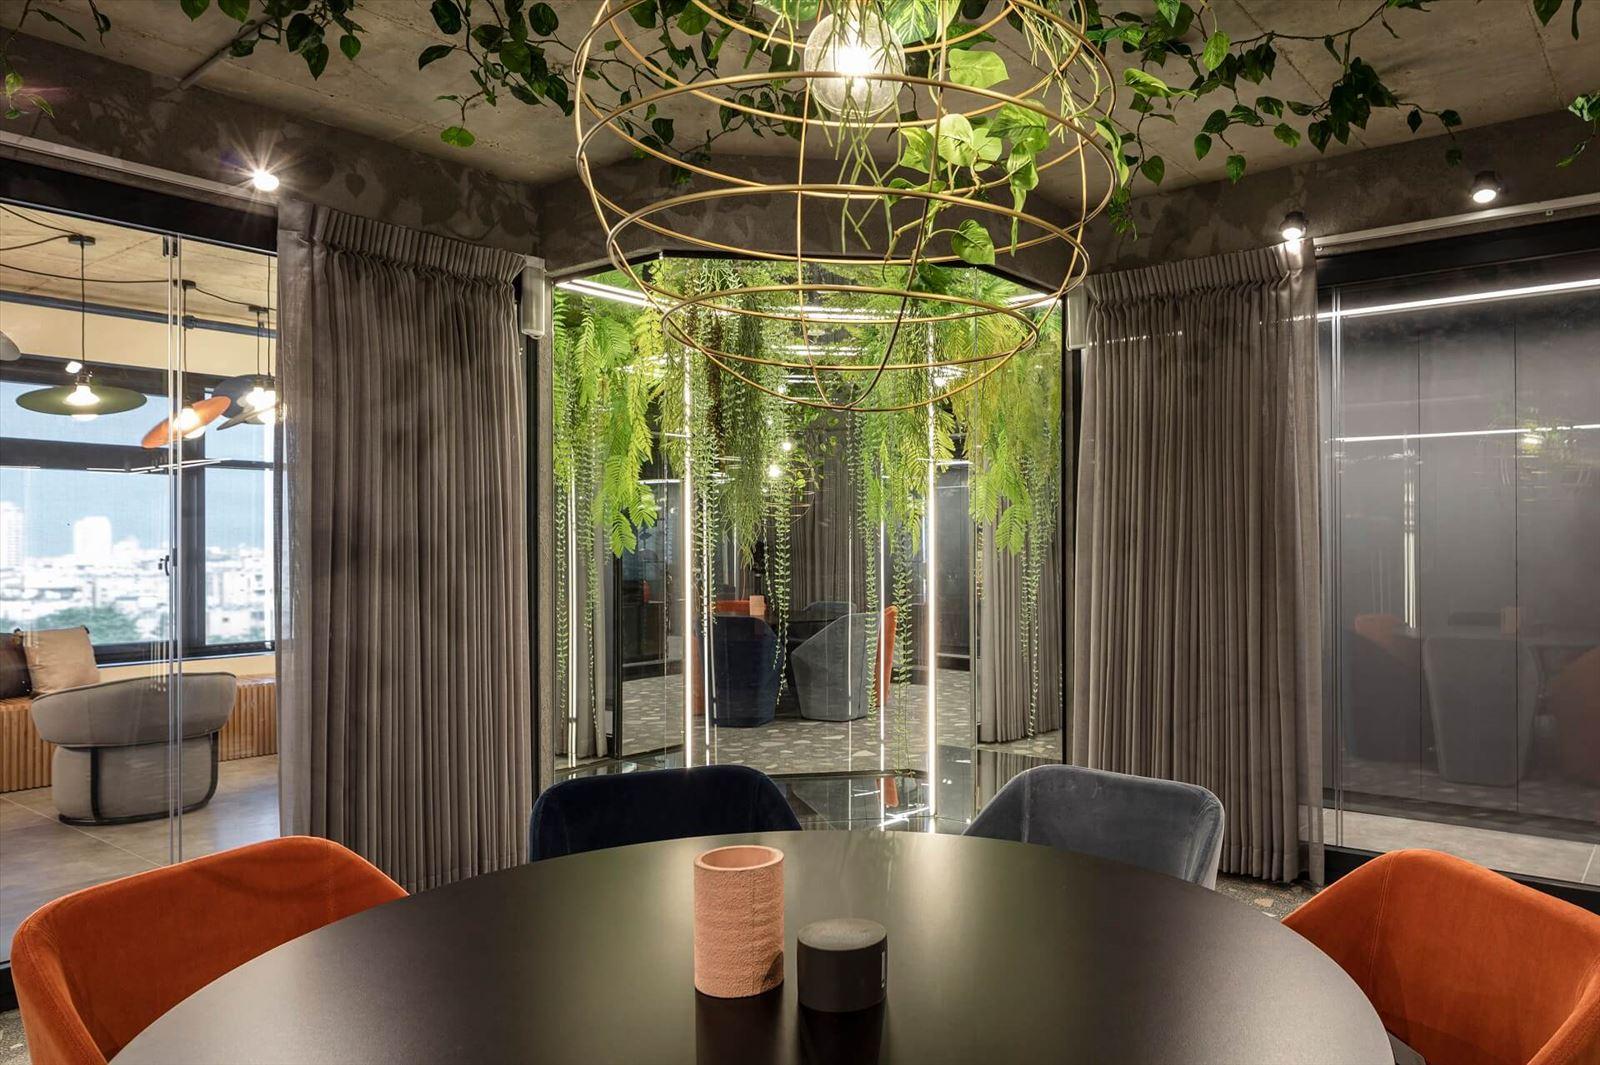 תאורה מעל שולחן עגול מבית קמחי תאורה